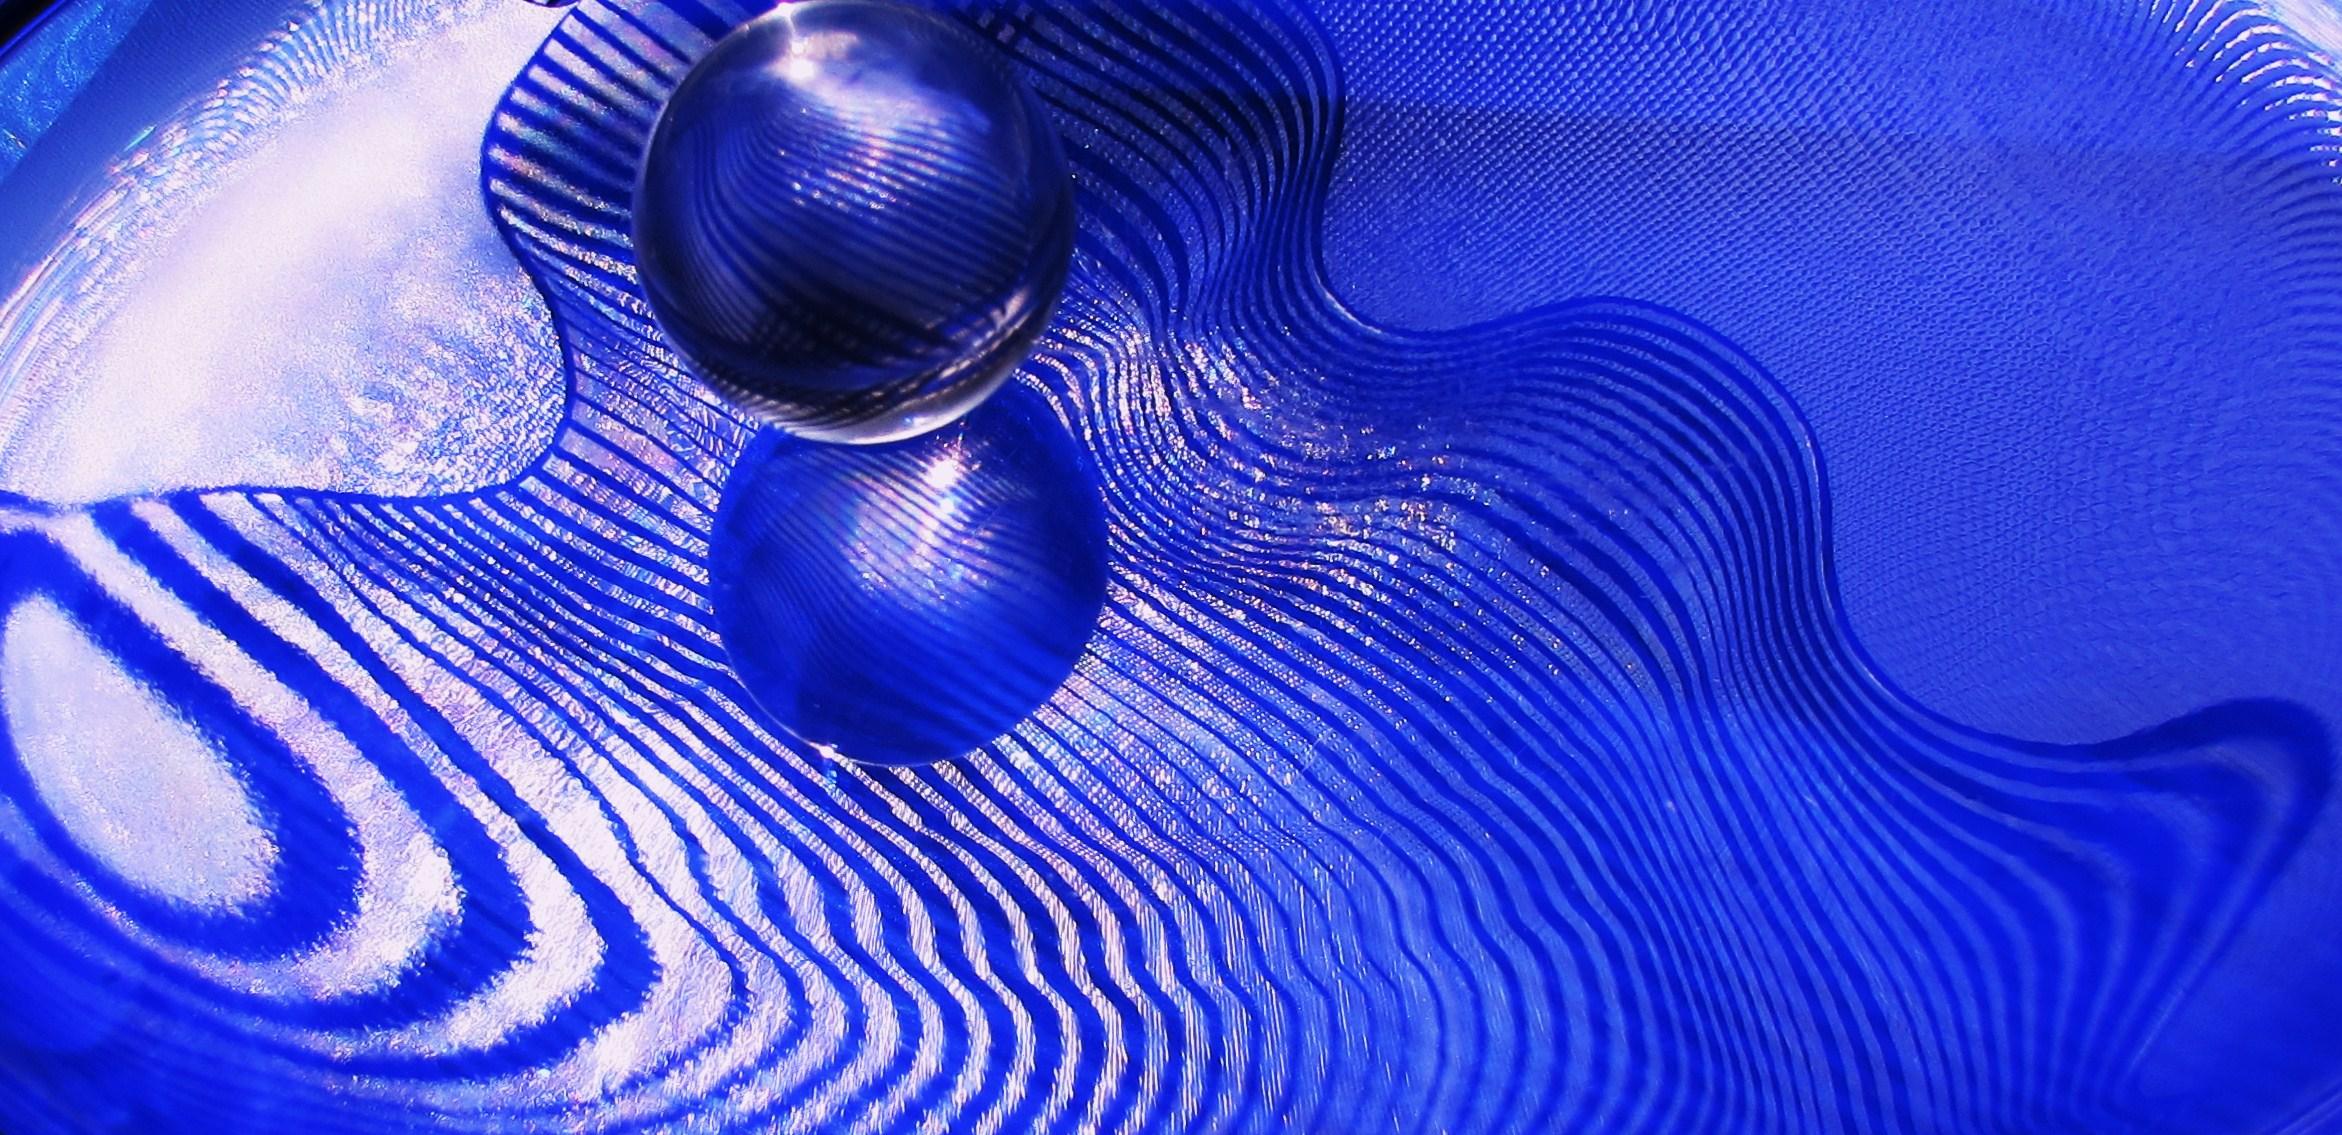 デスクトップ壁紙 抽象 水 反射 ガラス サークル ねじれ 平和